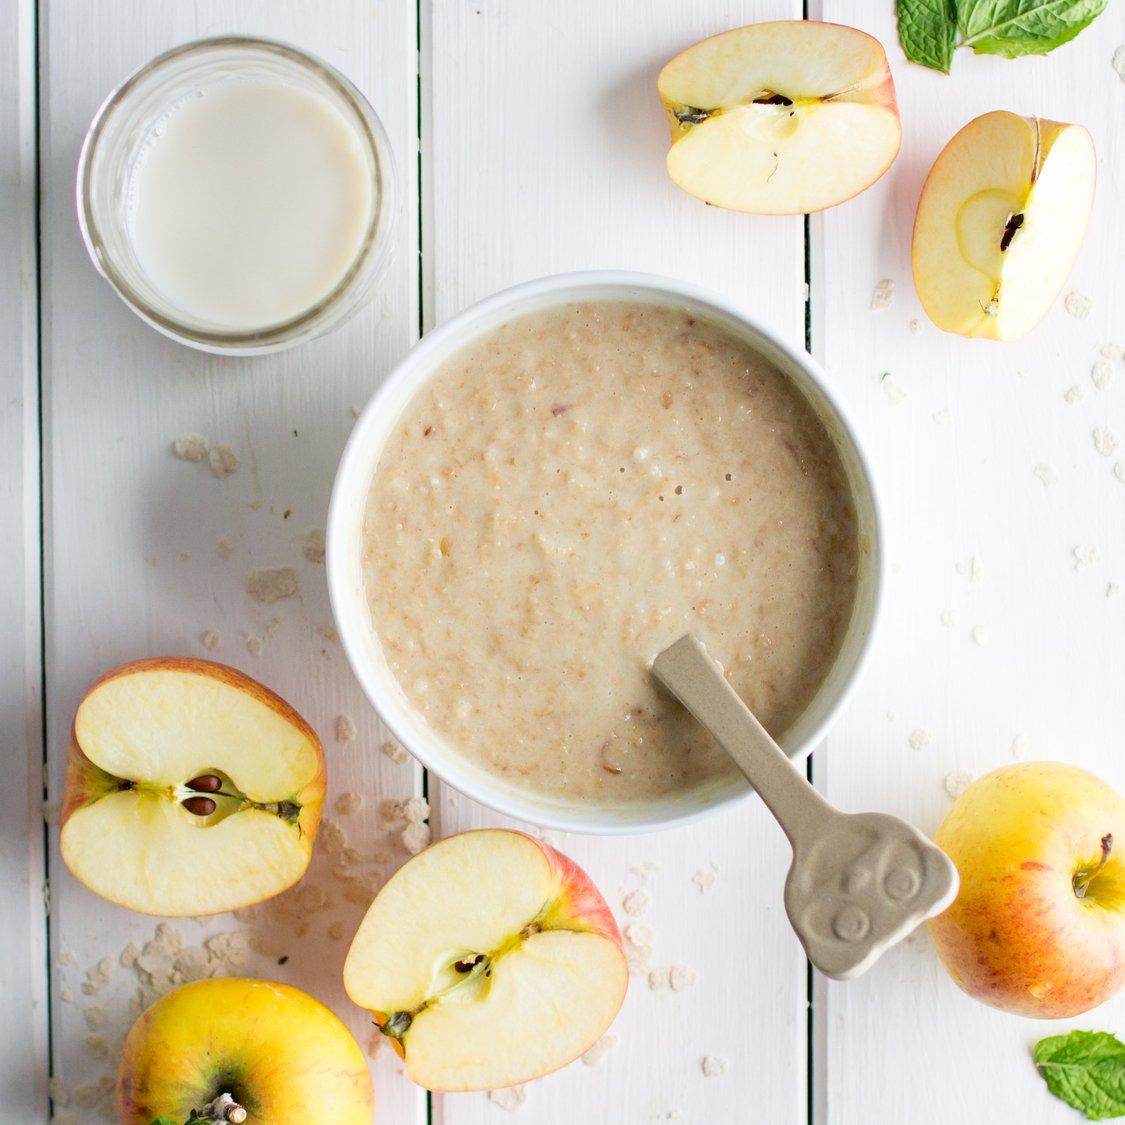 Milch-Getreide-Brei mit Apfel